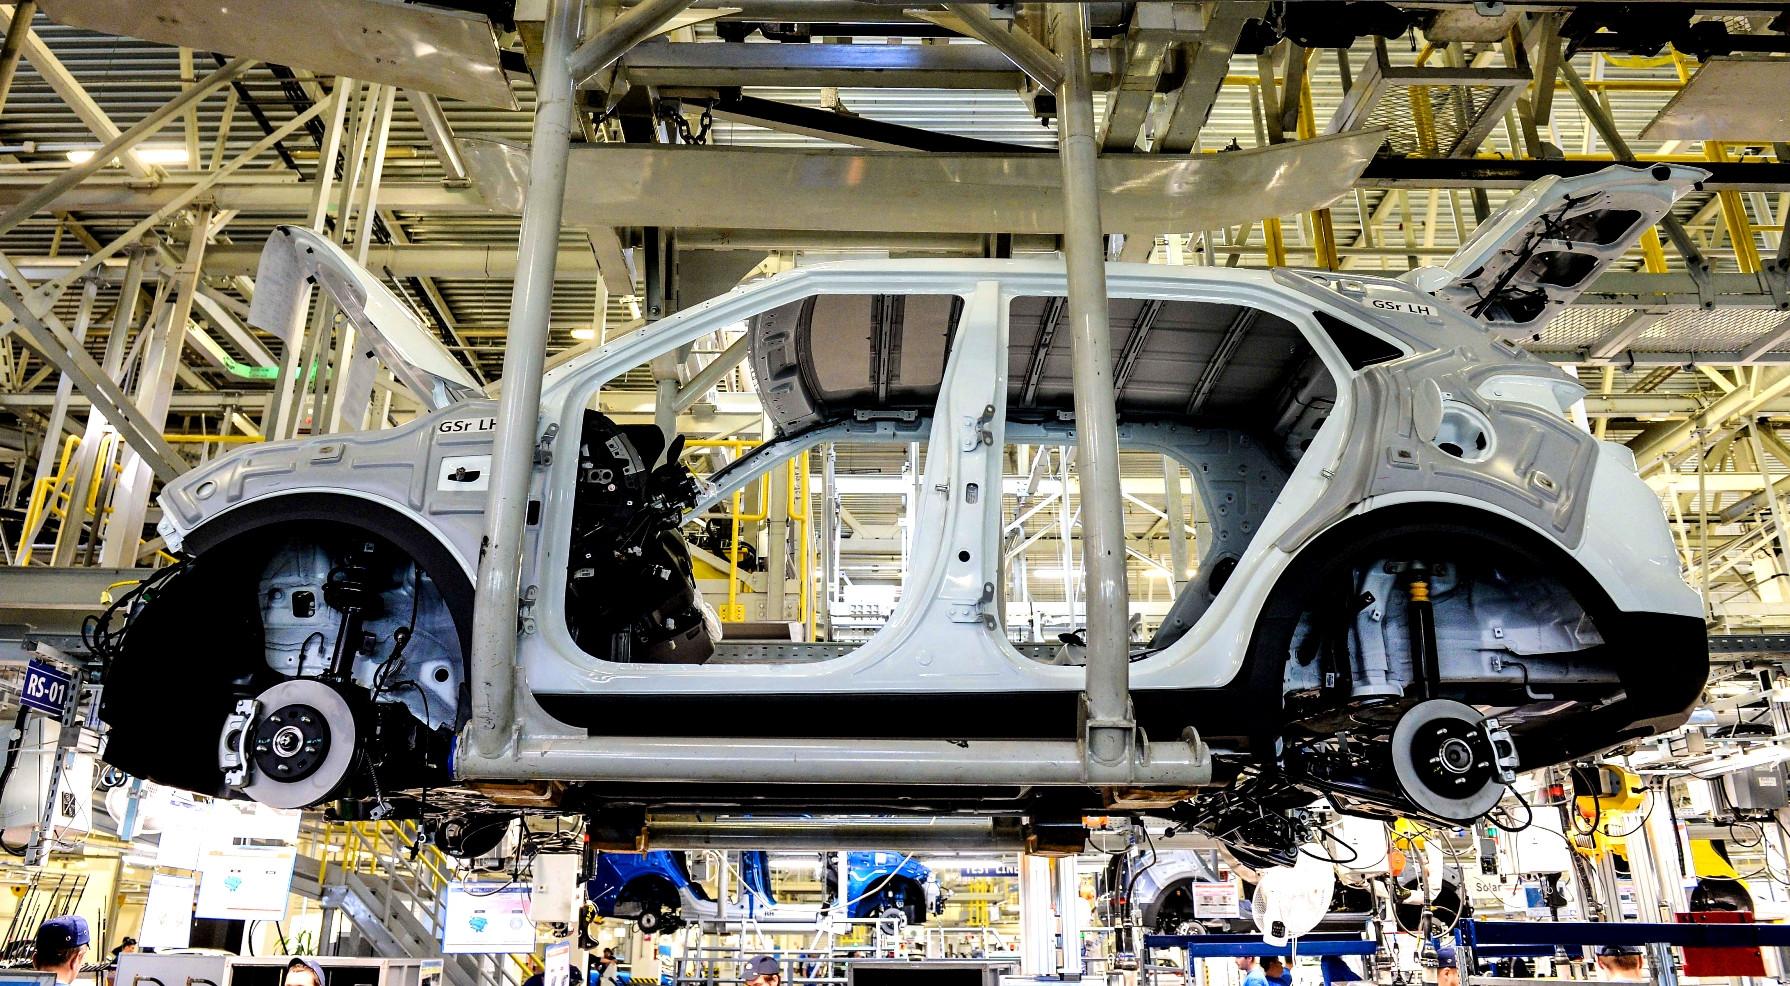 Конвеер встал: Hyundai остановил работу завода из-за коронавируса